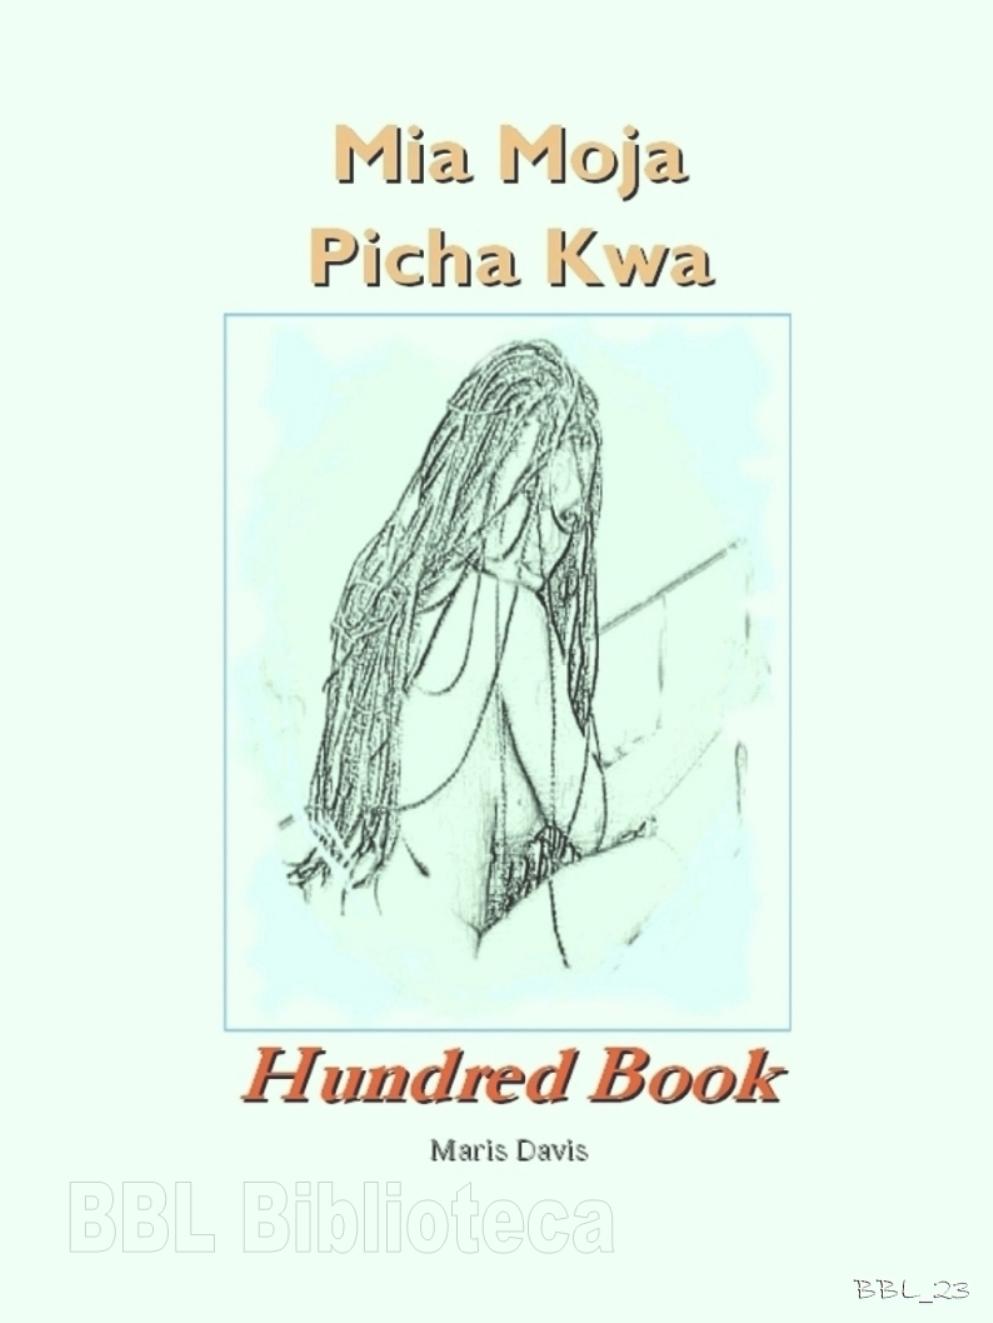 Mia Moja Picha Kwa